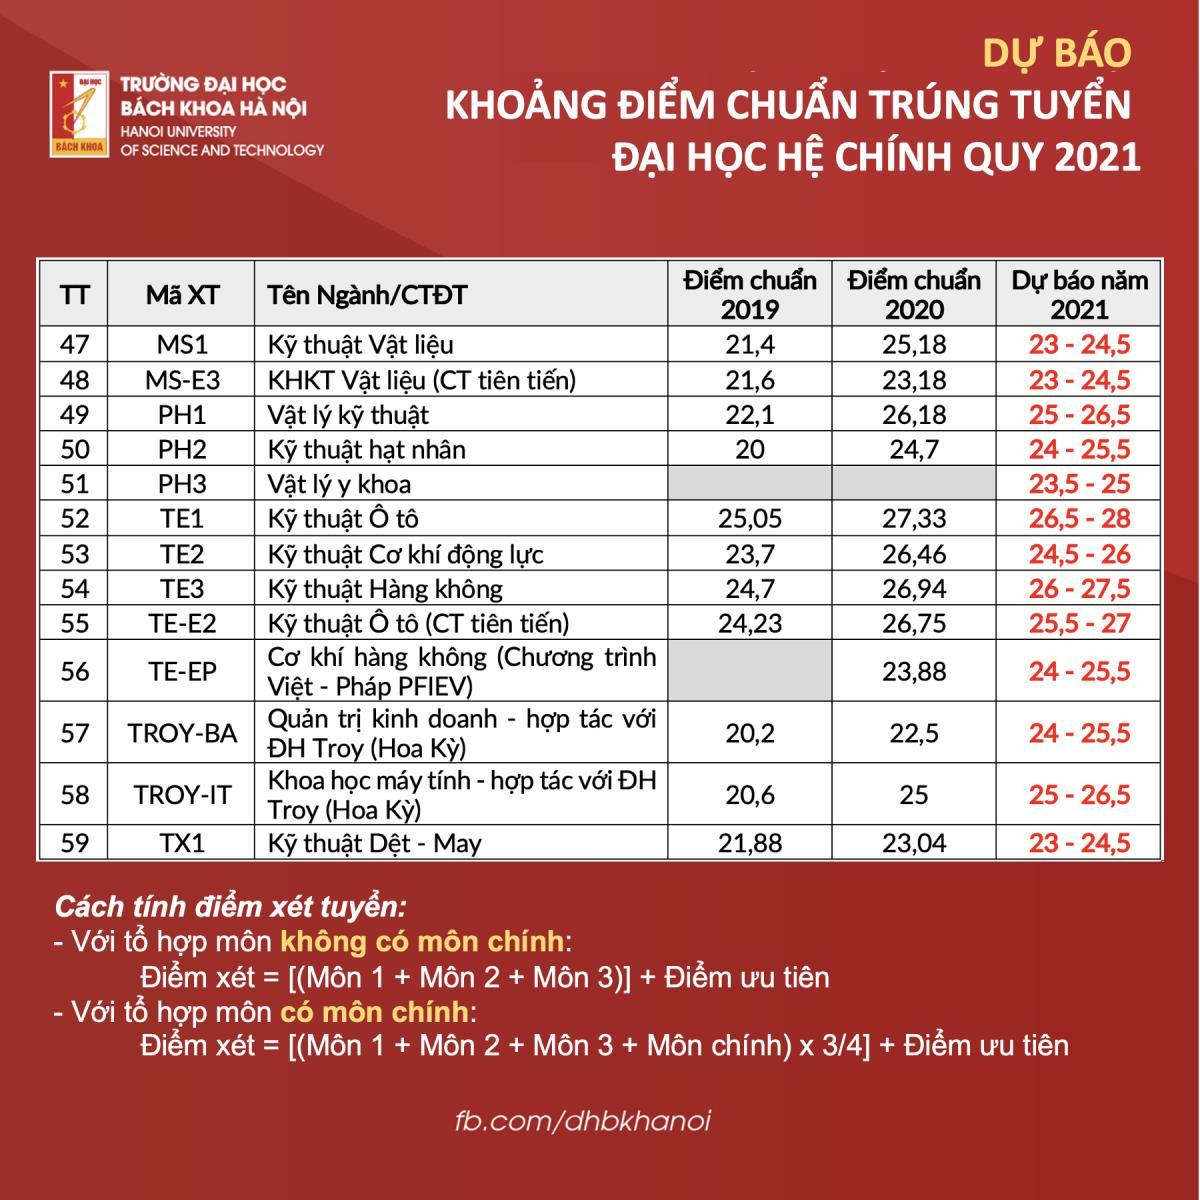 Phó hiệu trưởng Đại học Bách khoa Hà Nội bật mí điểm chuẩn 2021  - 4